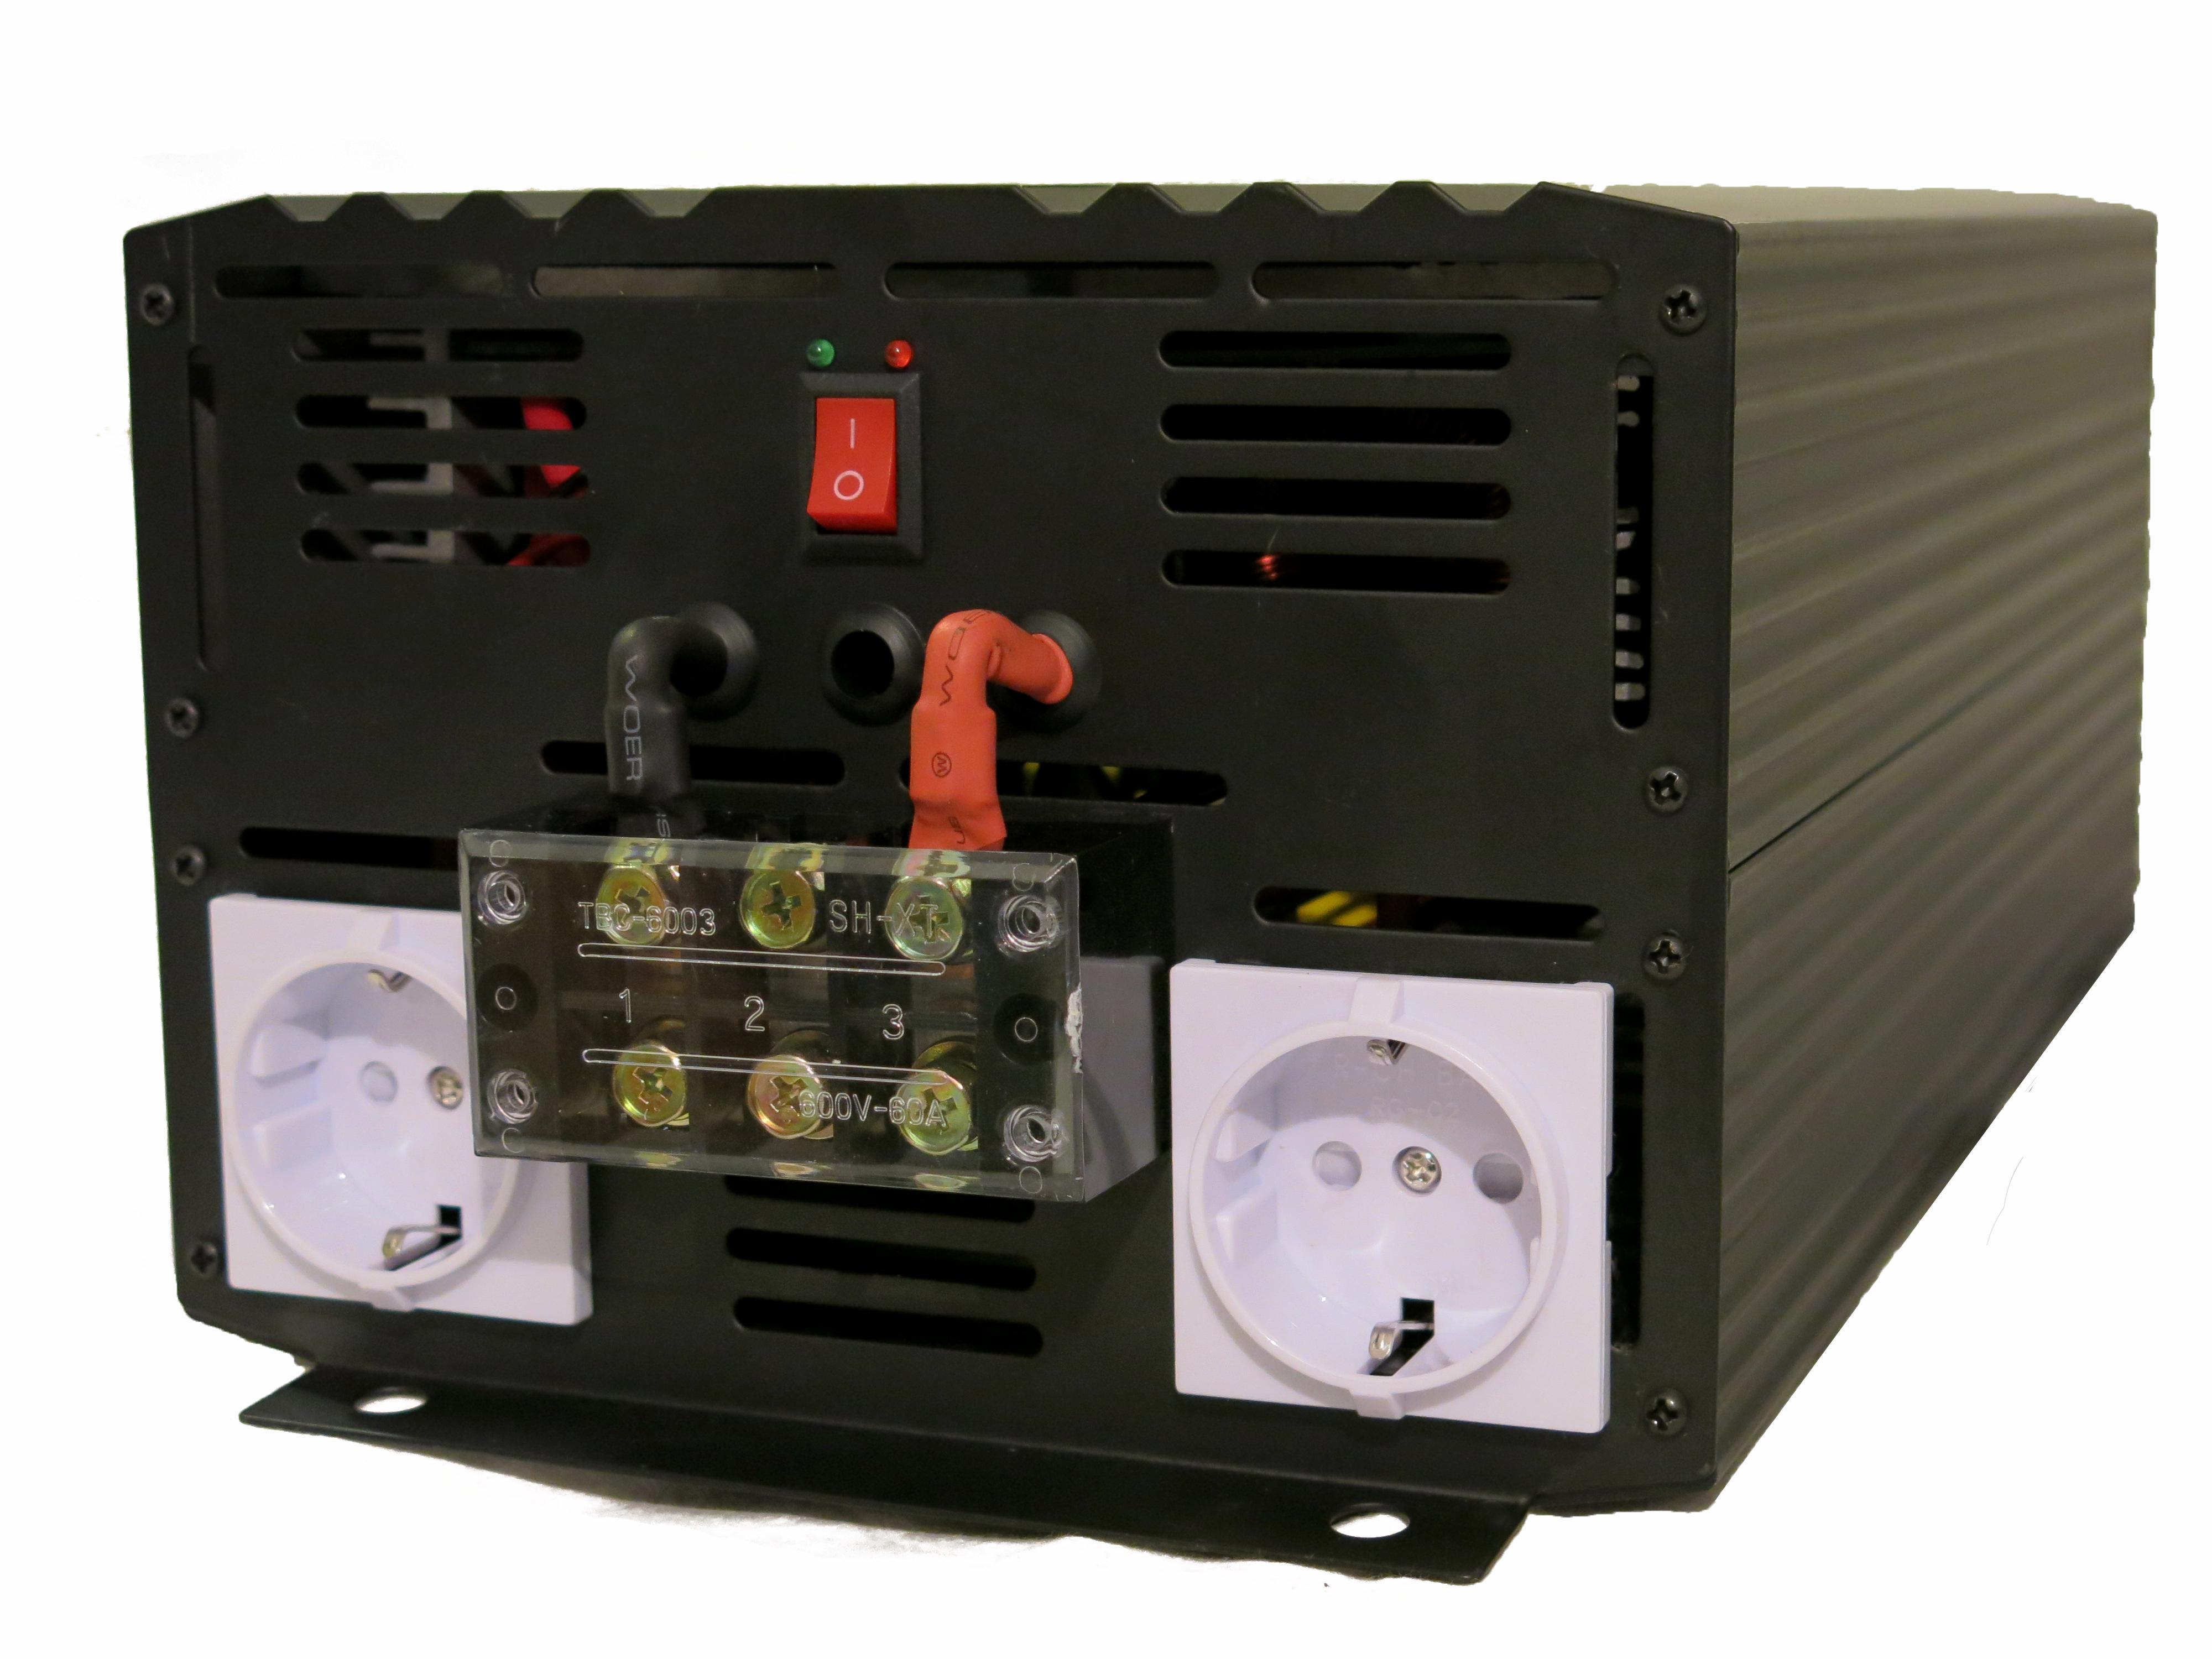 Elektron Inverter   Växelriktare 12VDC 230VAC 3000W - Inverterbutiken.se 332ad783bed4a